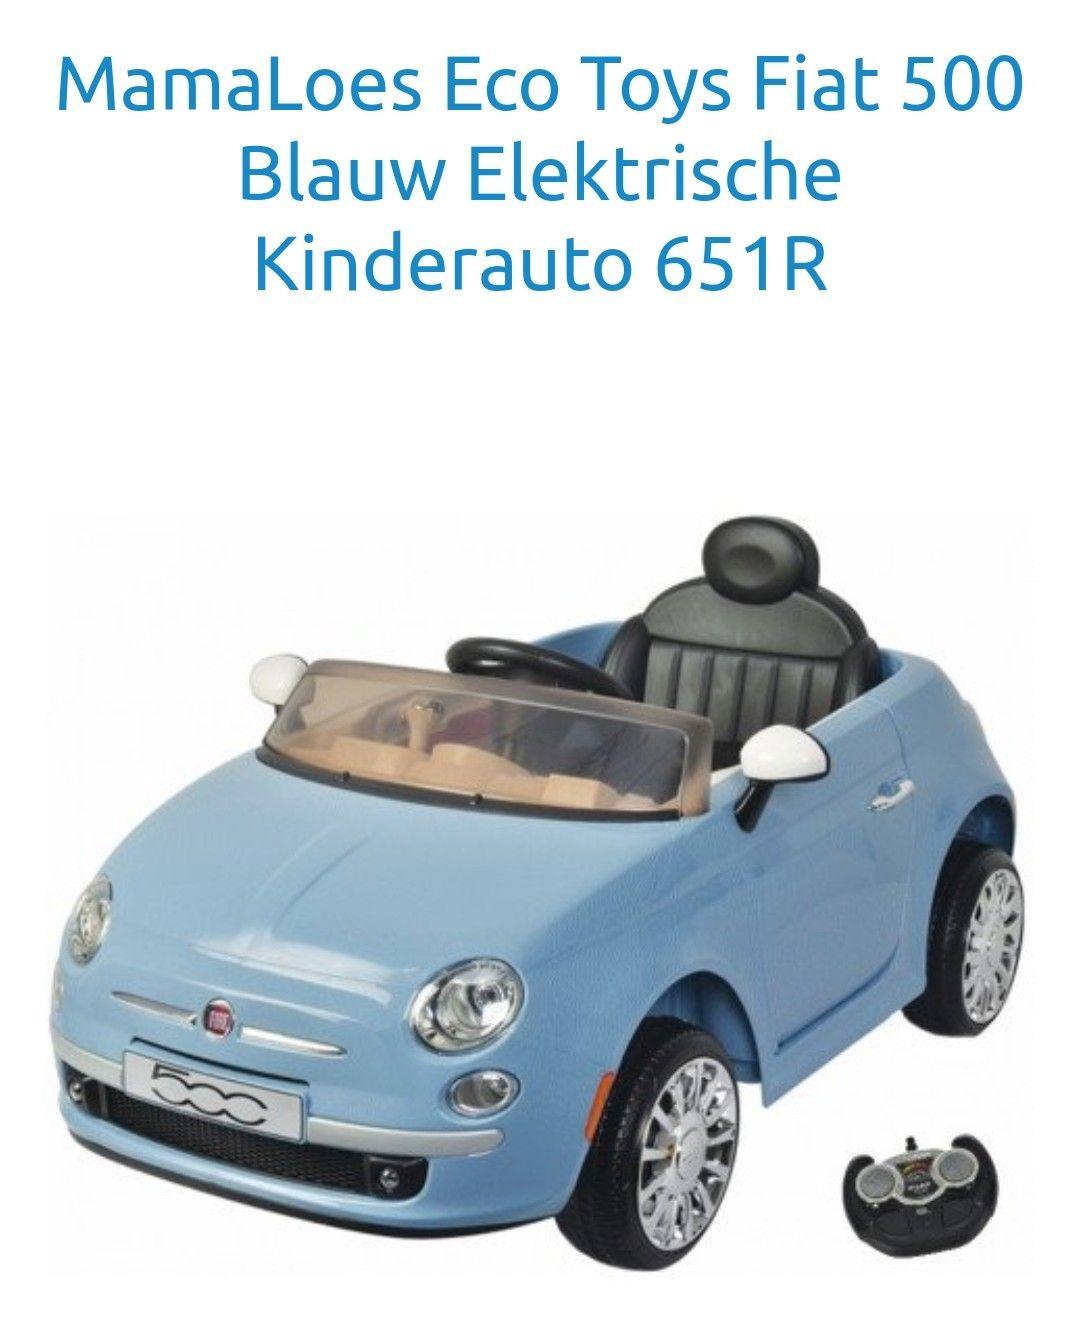 Van €249,99 naar €149,99 Fiat 500 elektrische kinderauto blauw en wit